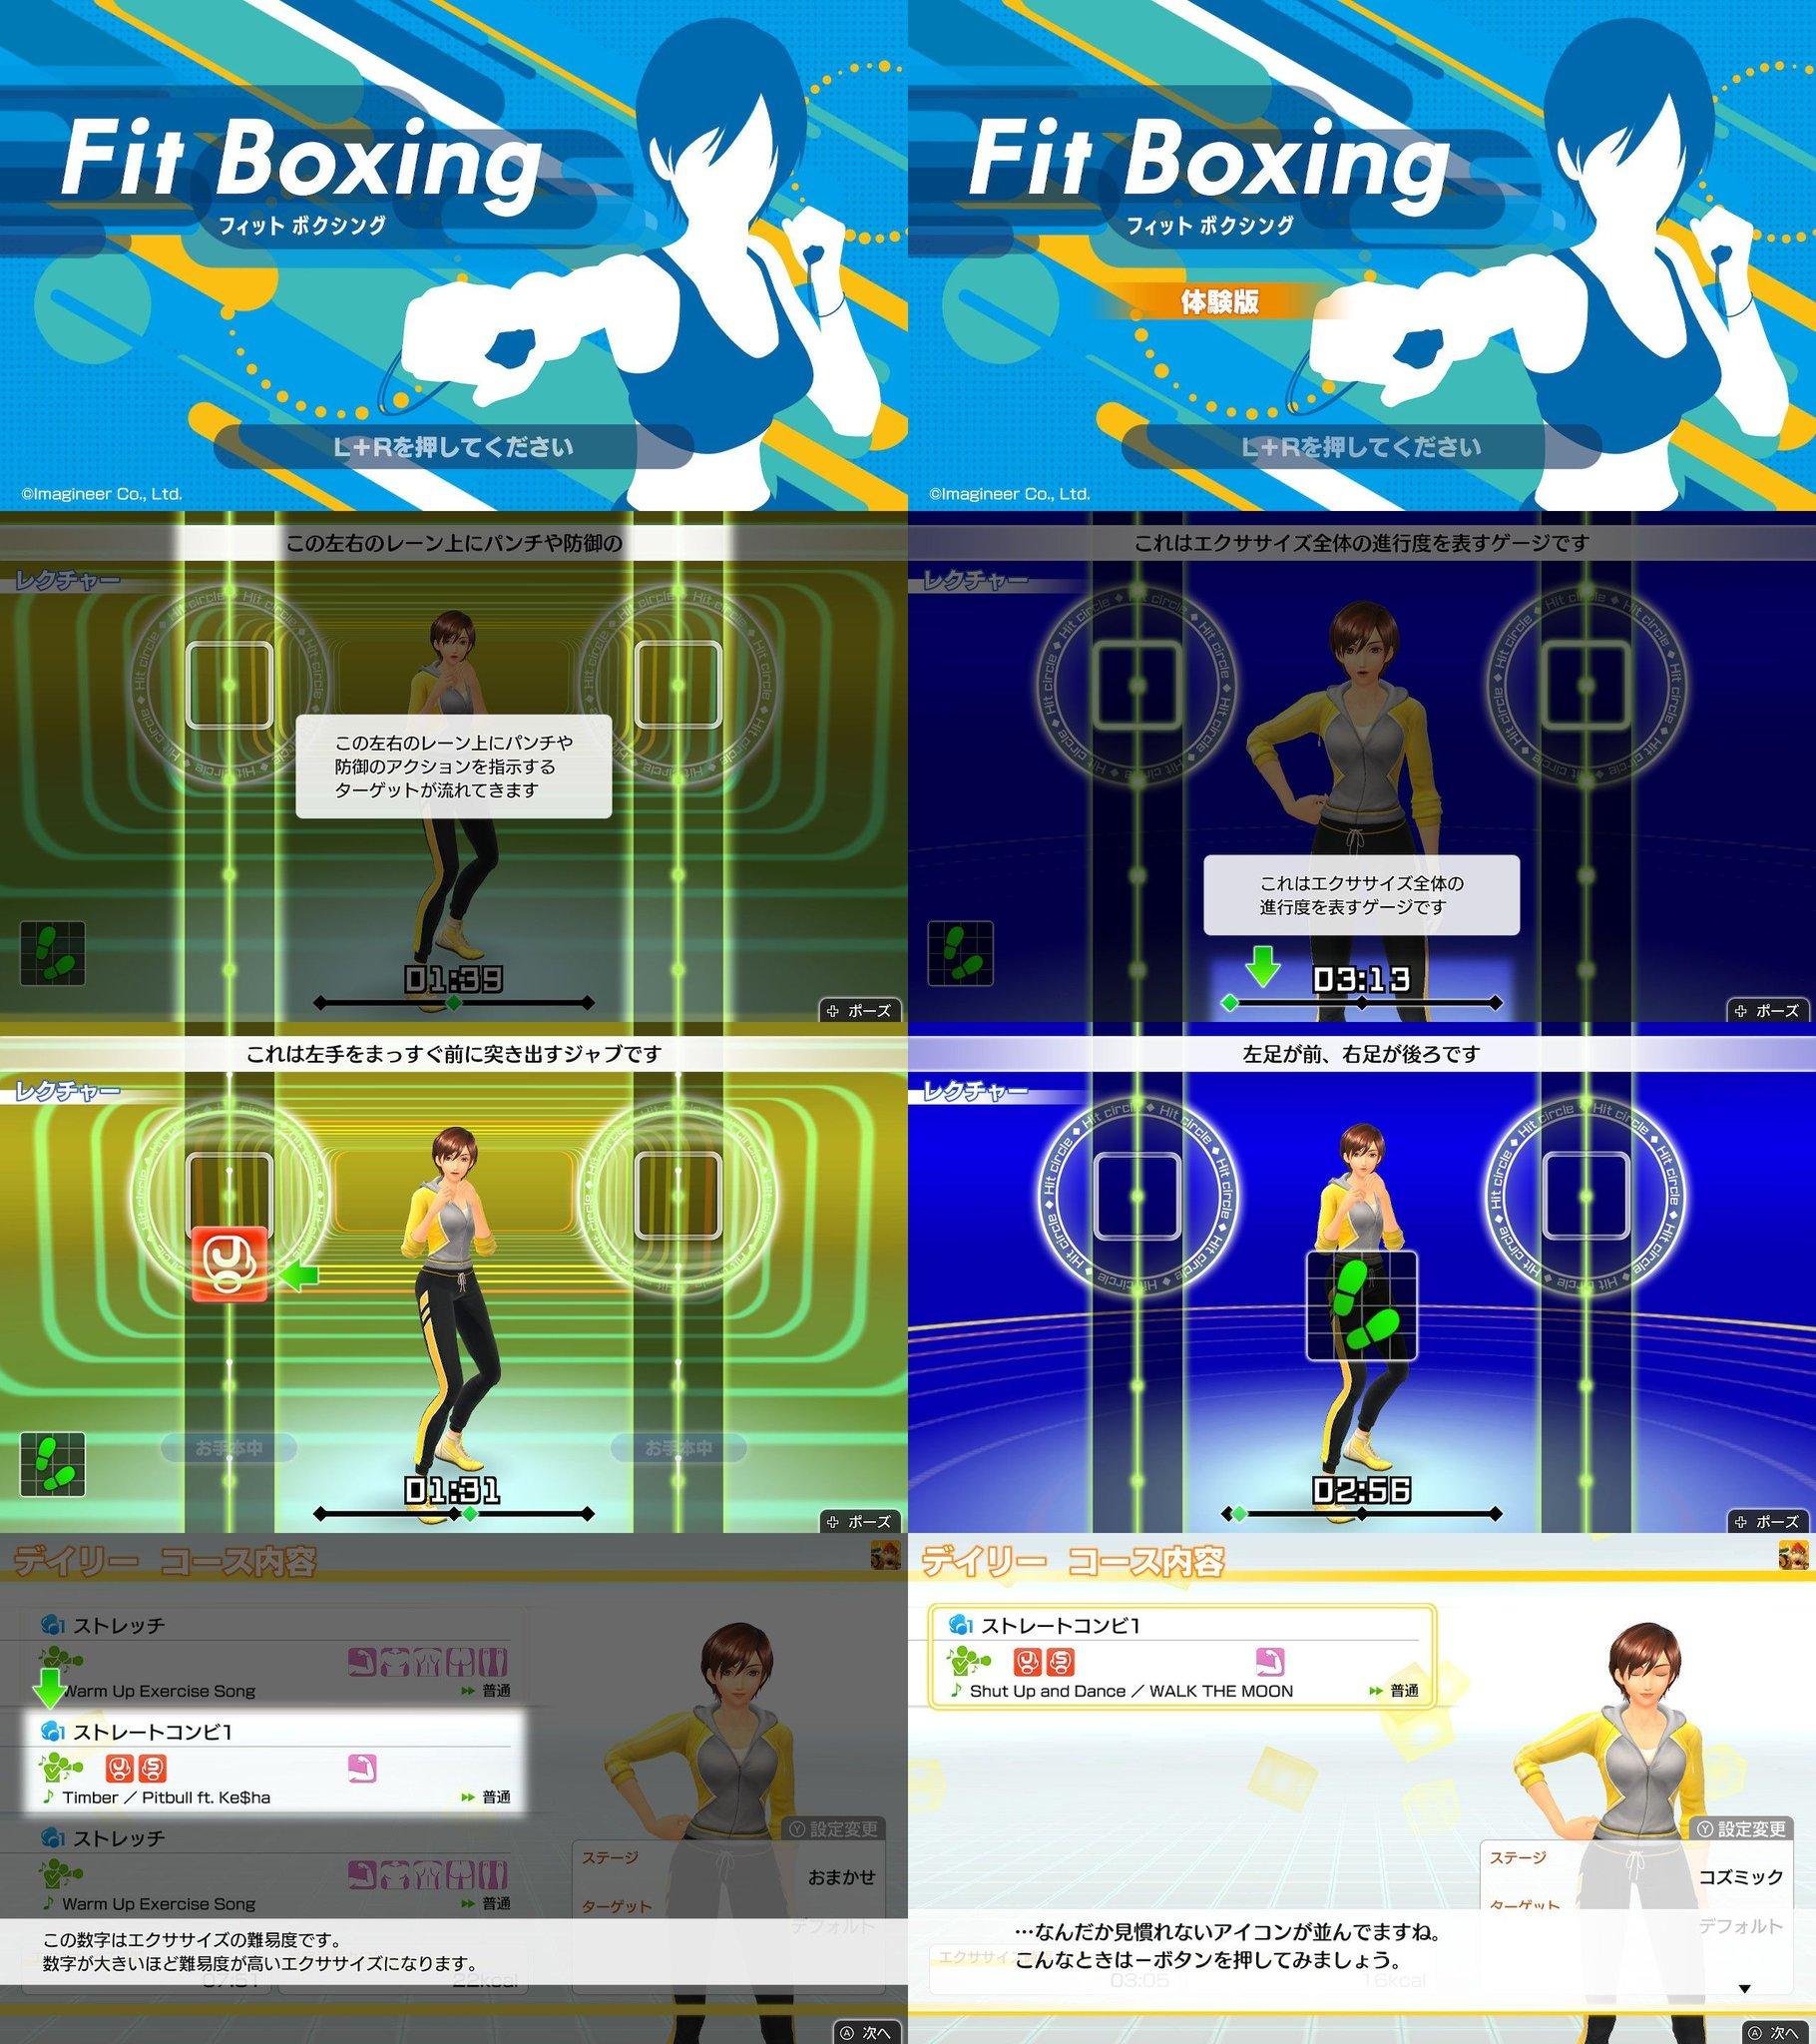 先日やってみた体験版と背景デザインがちがうなーと思ったり。 #fitboxing #フィットボクシング #NintendoSwitch https://t.co/rvRvJai3ZR